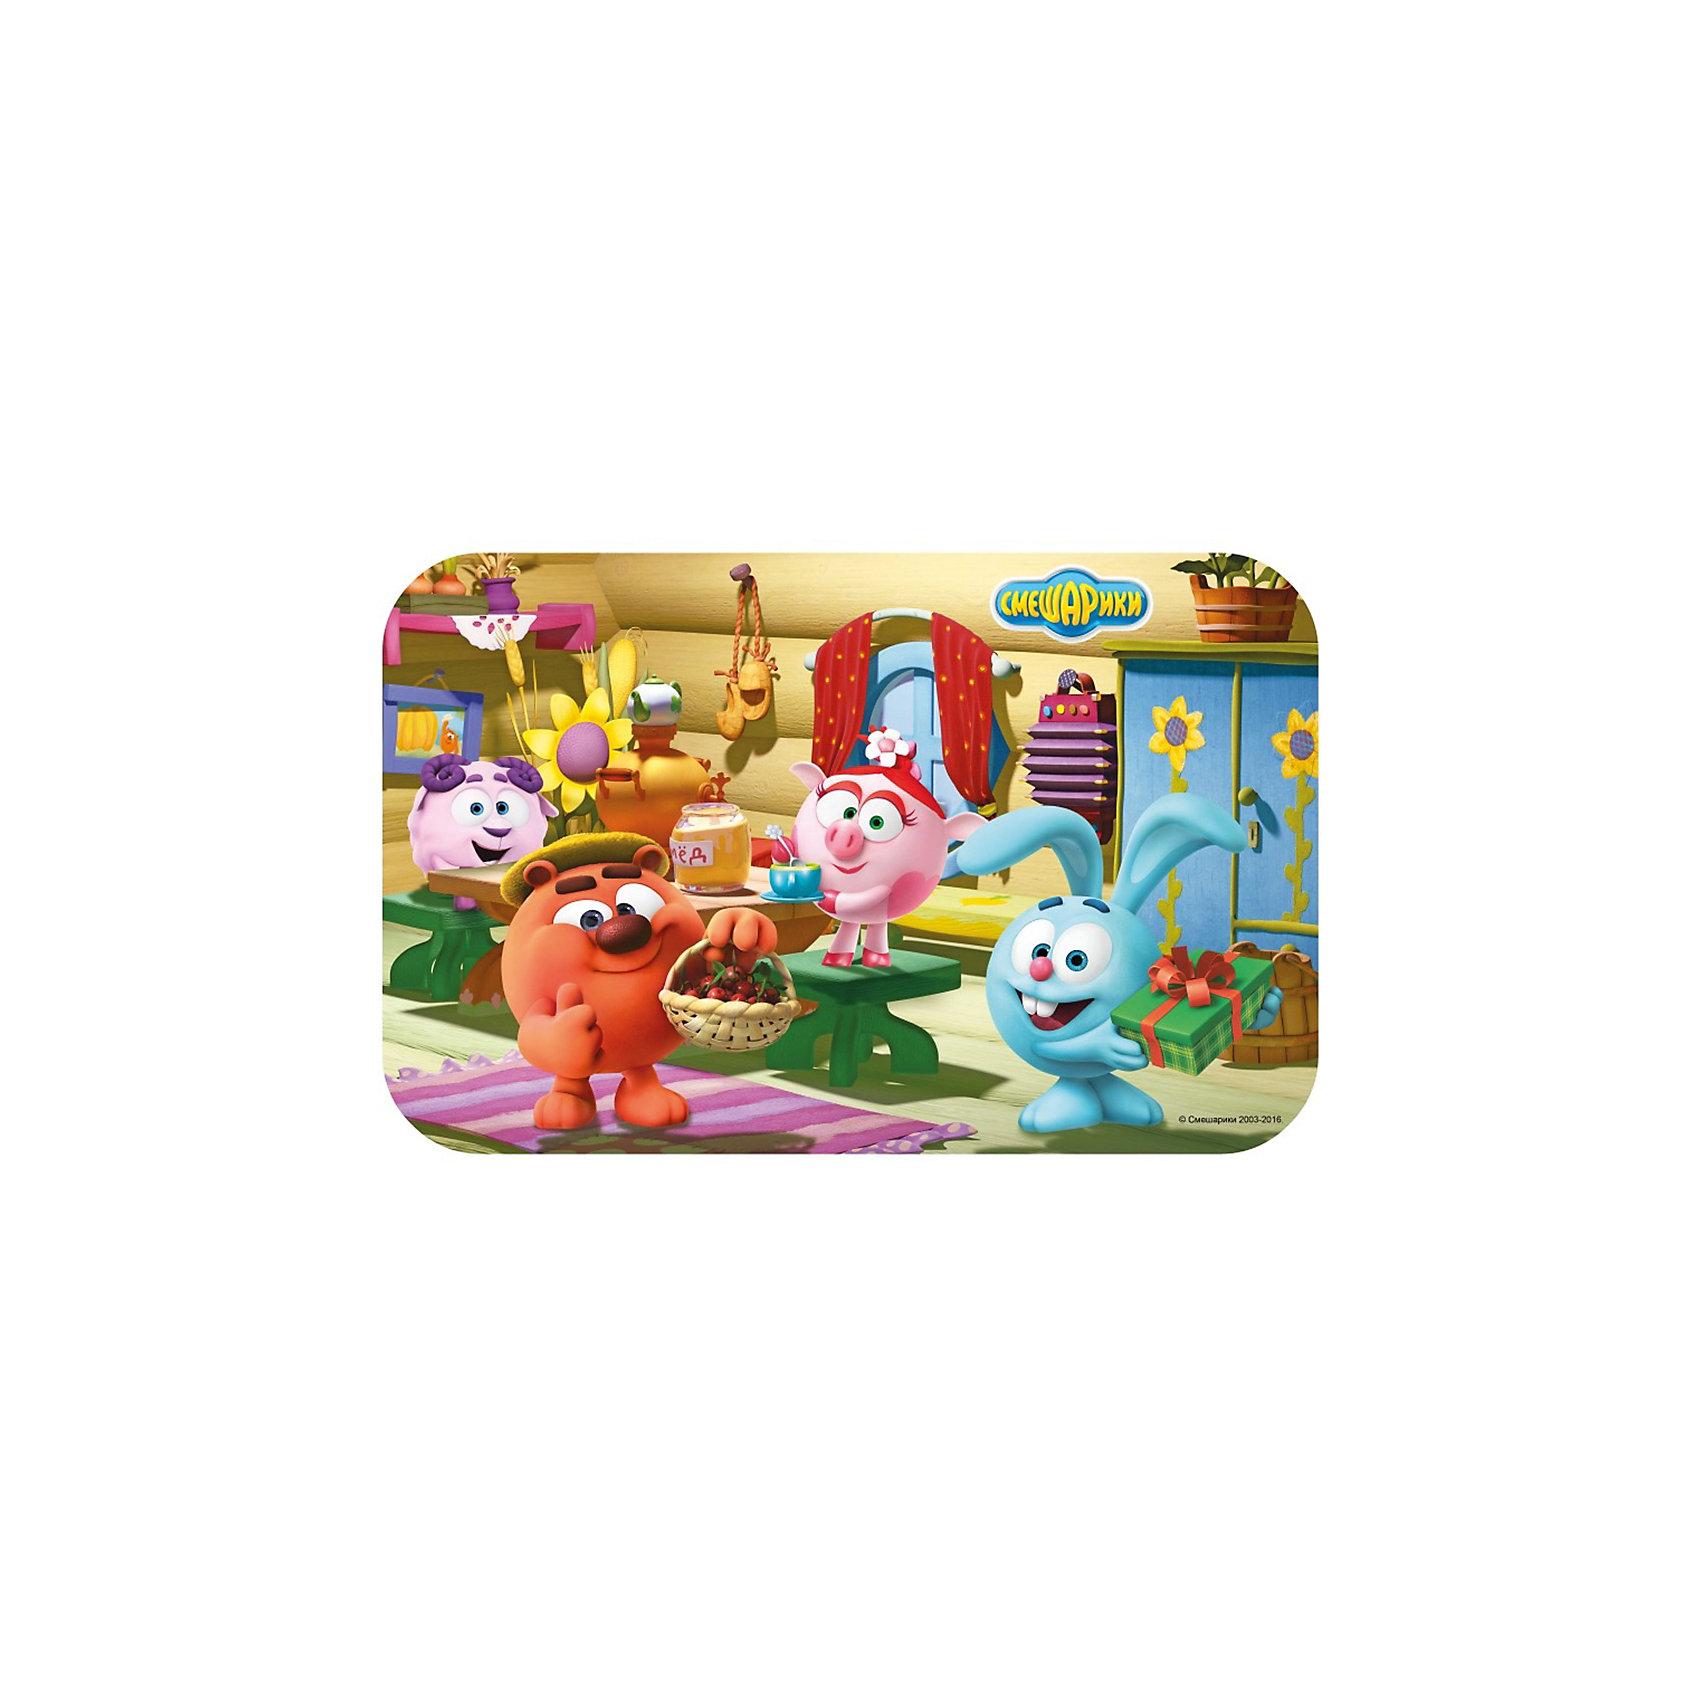 Салфетка В гостях 44*29 см, СмешарикиСалфетка В гостях 44*29 см, Смешарики<br><br>Характеристики:<br><br>• защитит стол от загрязнений<br>• яркое изображение персонажей мультфильма Смешарики<br>• материал: полипропилен<br>• размер салфетки: 44х29 см<br>• размер упаковки: 0,4х29х44 см<br>• вес: 50 грамм<br><br>Салфетка В гостях пригодится ребёнку во время приёма пищи. Она изготовлена из полипропилена, выдерживающего высокую температуру. Салфетка сохранит чистоту стола и поднимет настроение во время обеда. С наружной стороны изображены дружные герои мультсериала Смешарики. Размер салфетки - 44х29 см.<br><br>Салфетку В гостях 44*29 см, Смешарики вы можете купить в нашем интернет-магазине.<br><br>Ширина мм: 440<br>Глубина мм: 290<br>Высота мм: 4<br>Вес г: 50<br>Возраст от месяцев: 36<br>Возраст до месяцев: 108<br>Пол: Унисекс<br>Возраст: Детский<br>SKU: 5358597